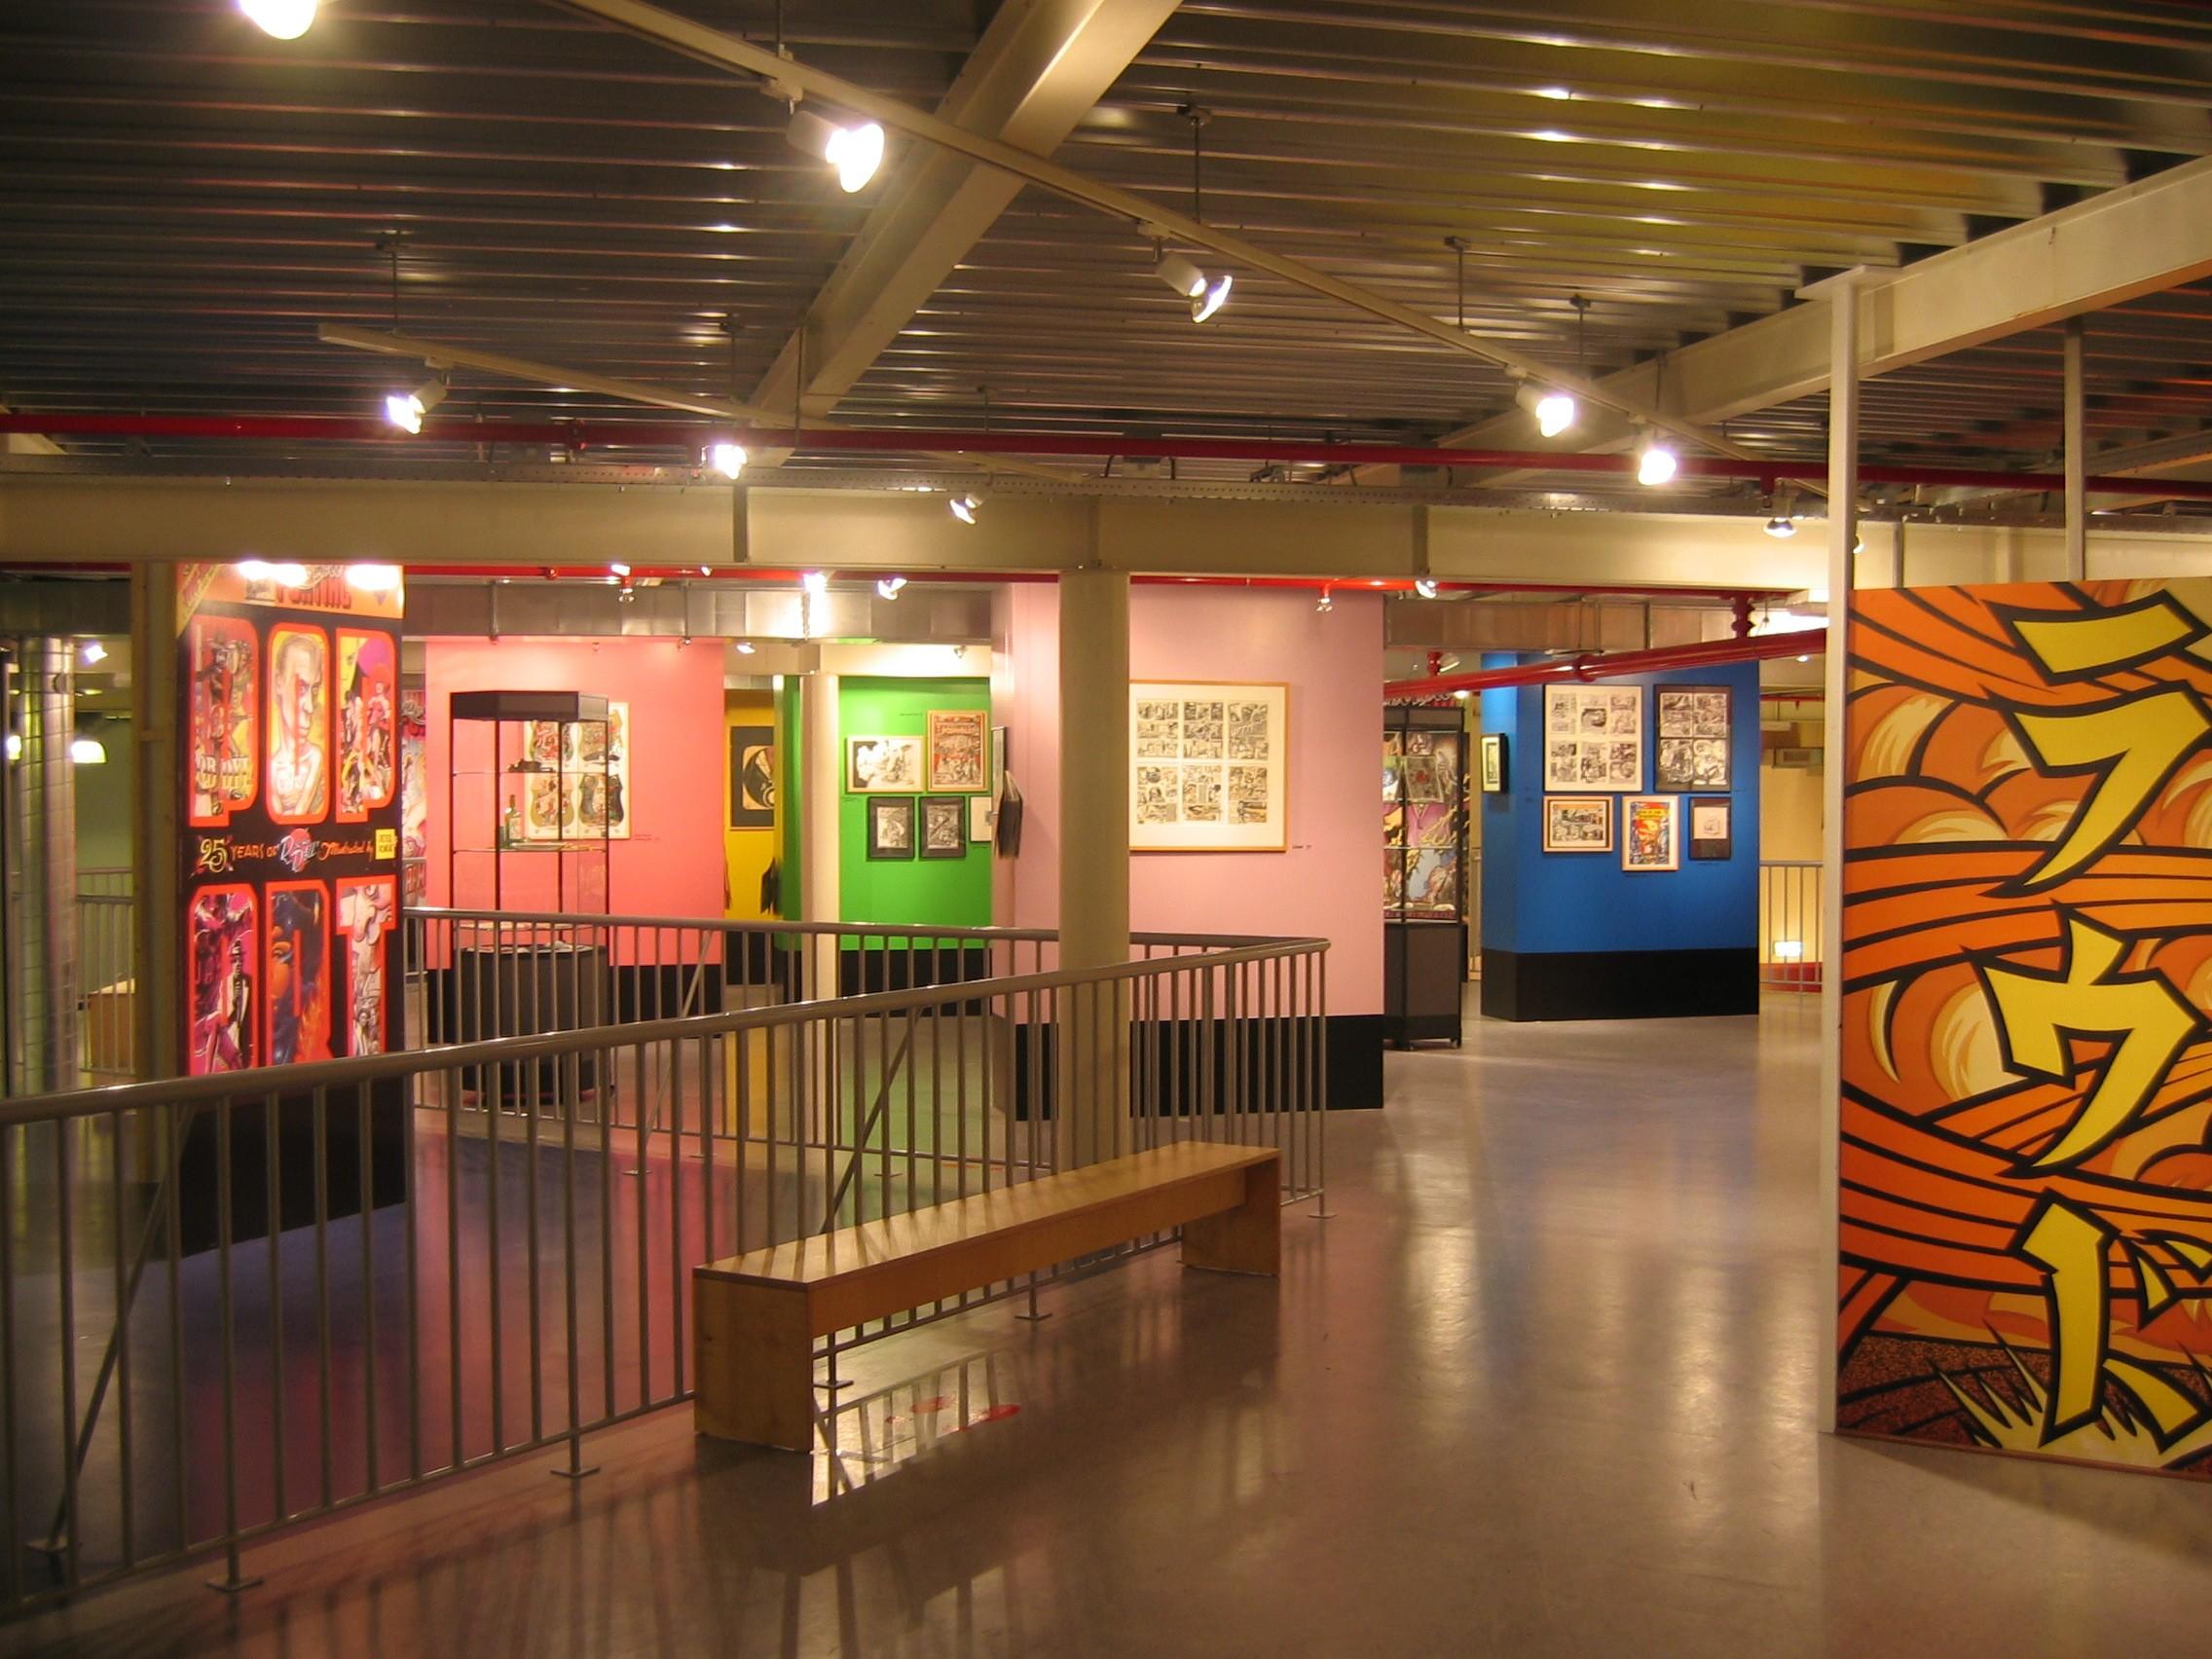 Interieur Stripmuseum Groningen